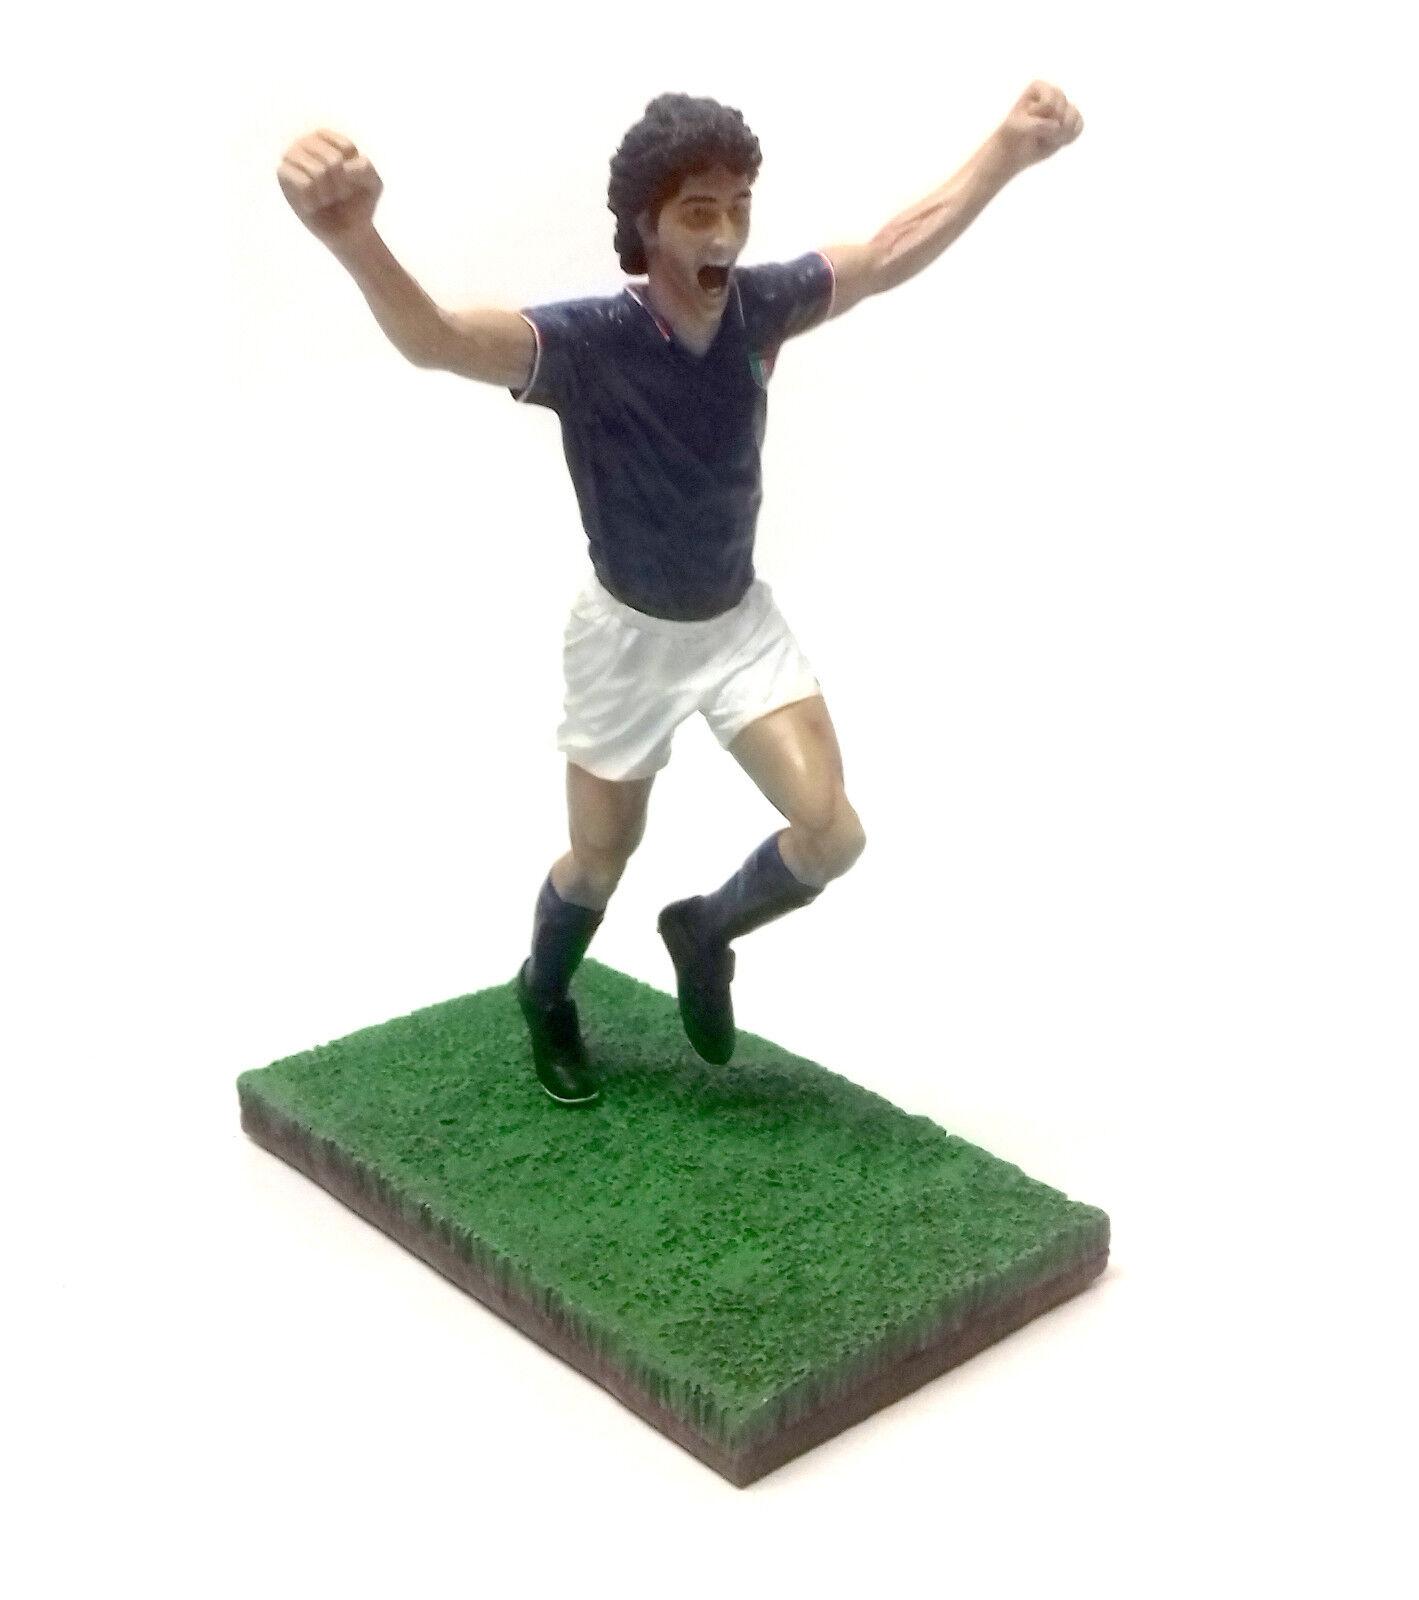 Fanatico Football 1 9 Resin Statue Sport Figure  PAOLO ROSSI de l'Italie, coupe du monde  marque